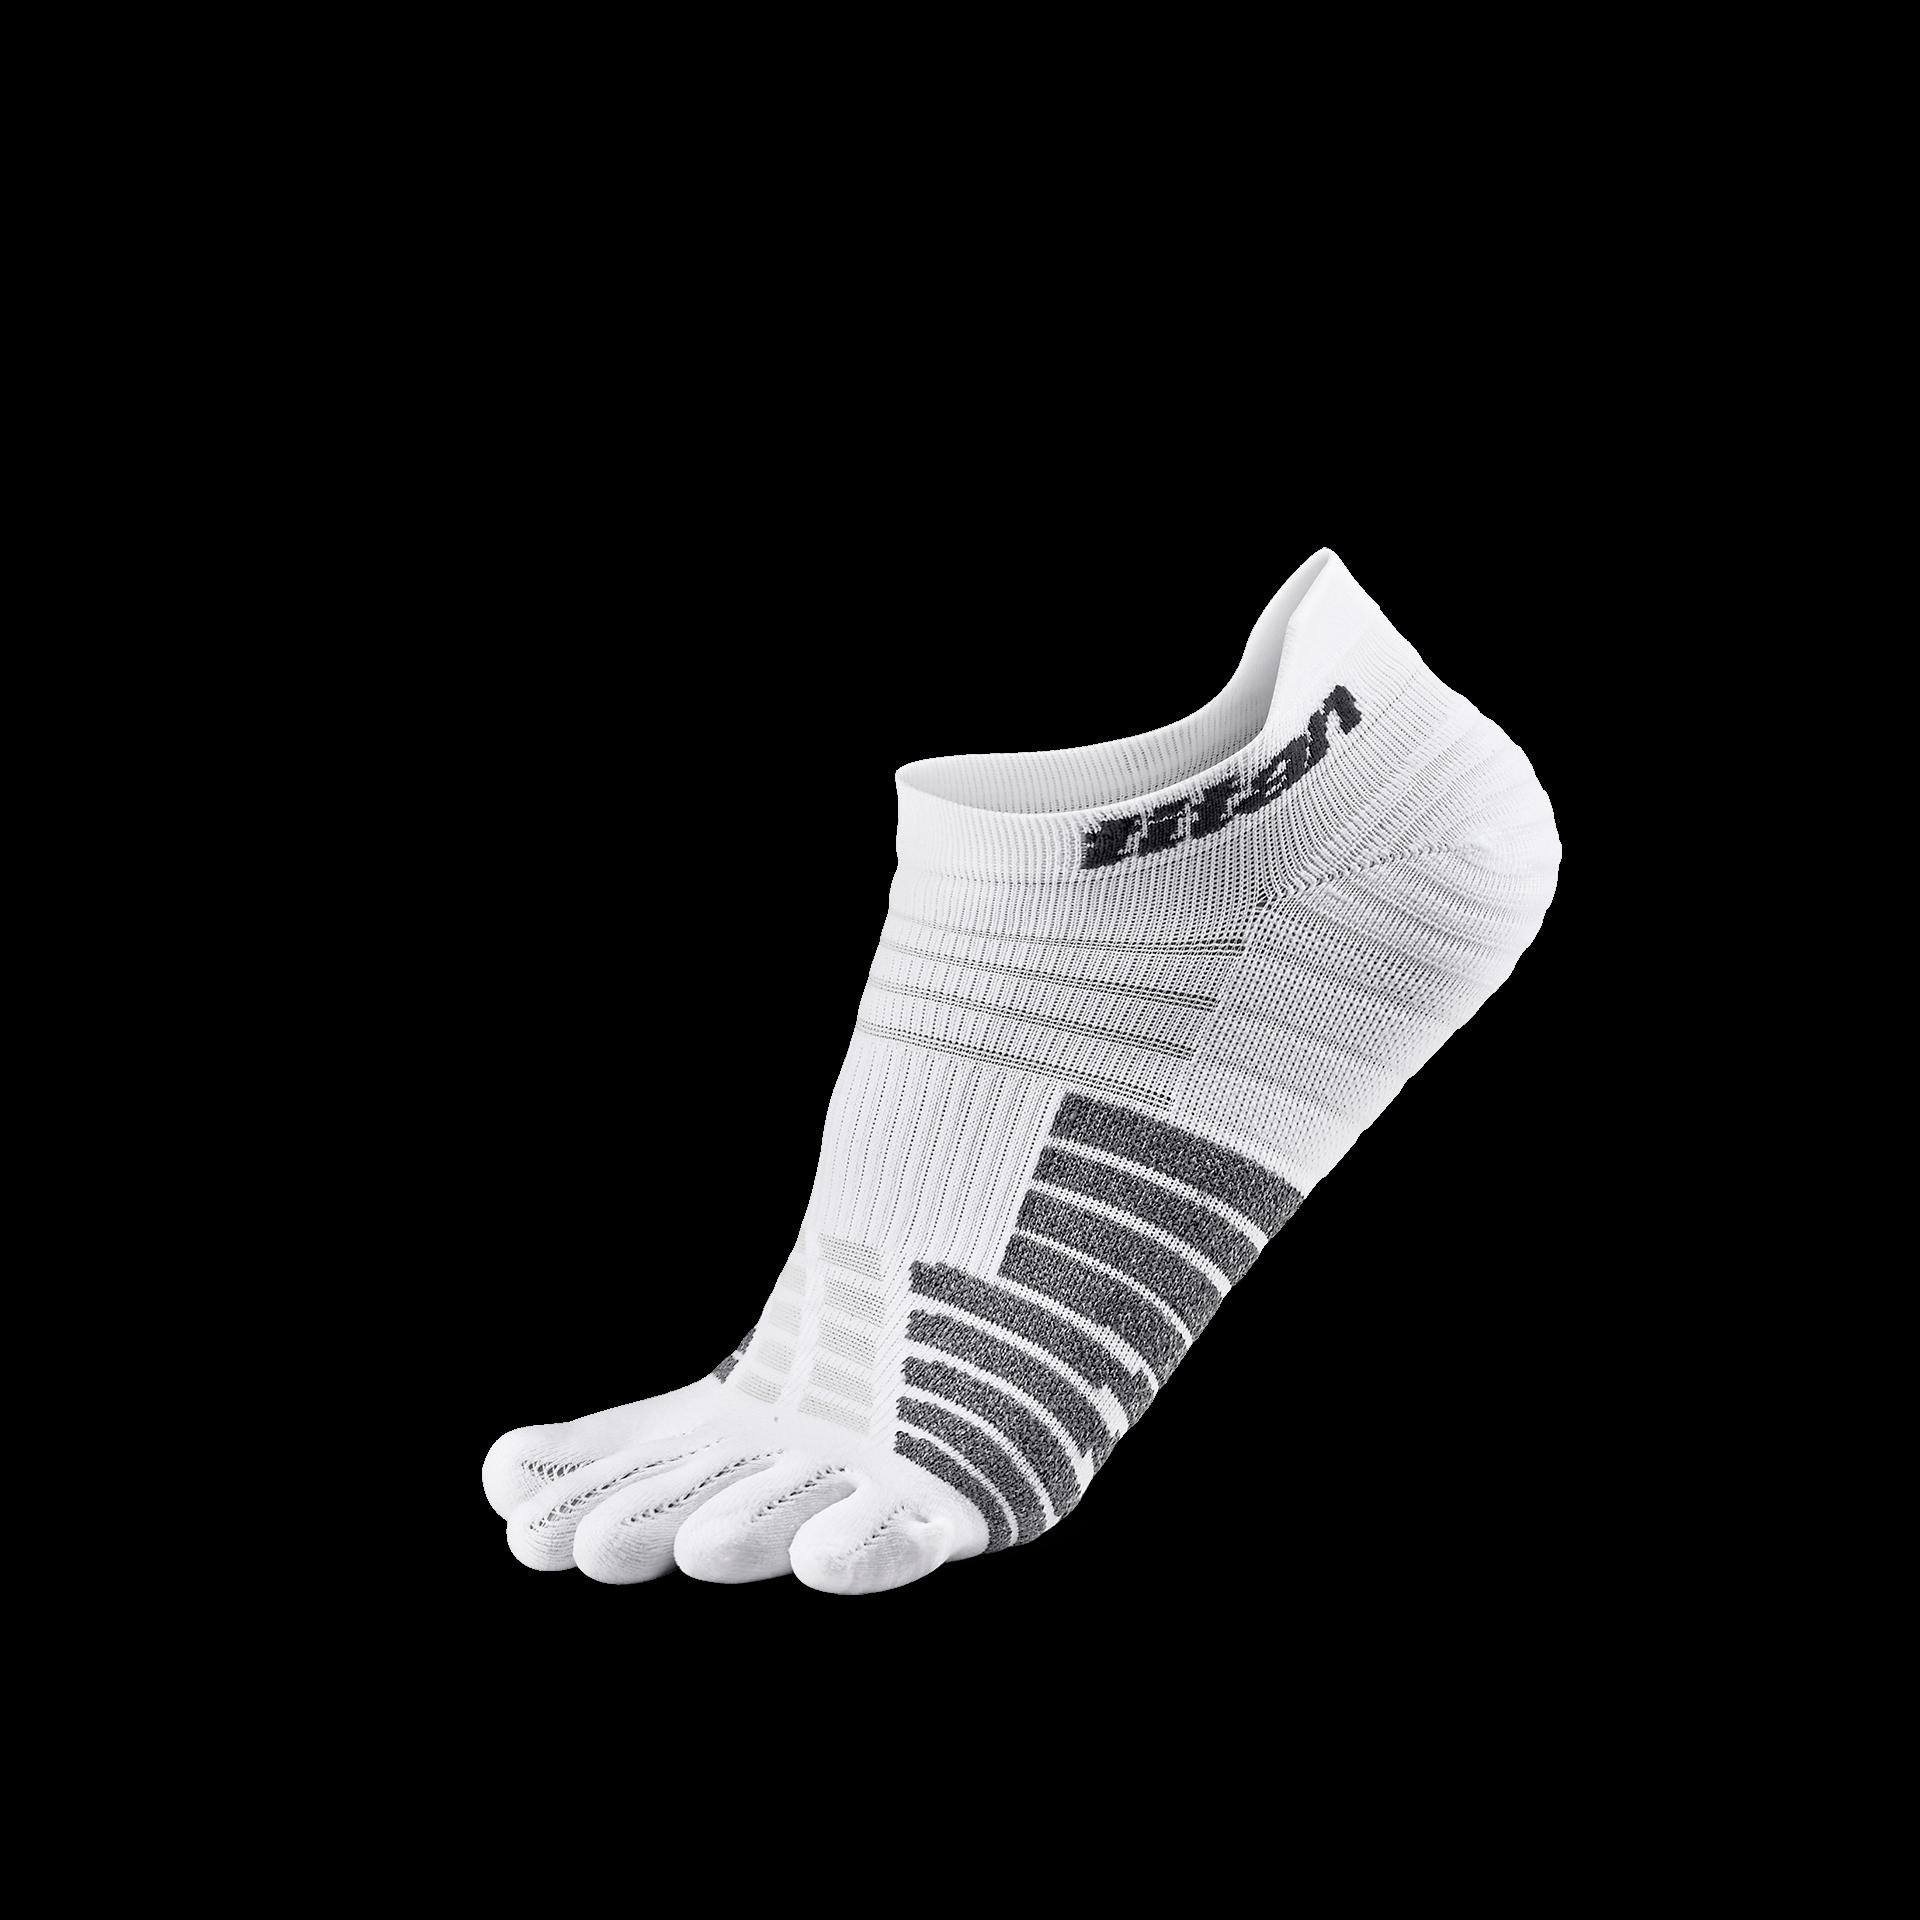 五趾薄型跑襪 踝型